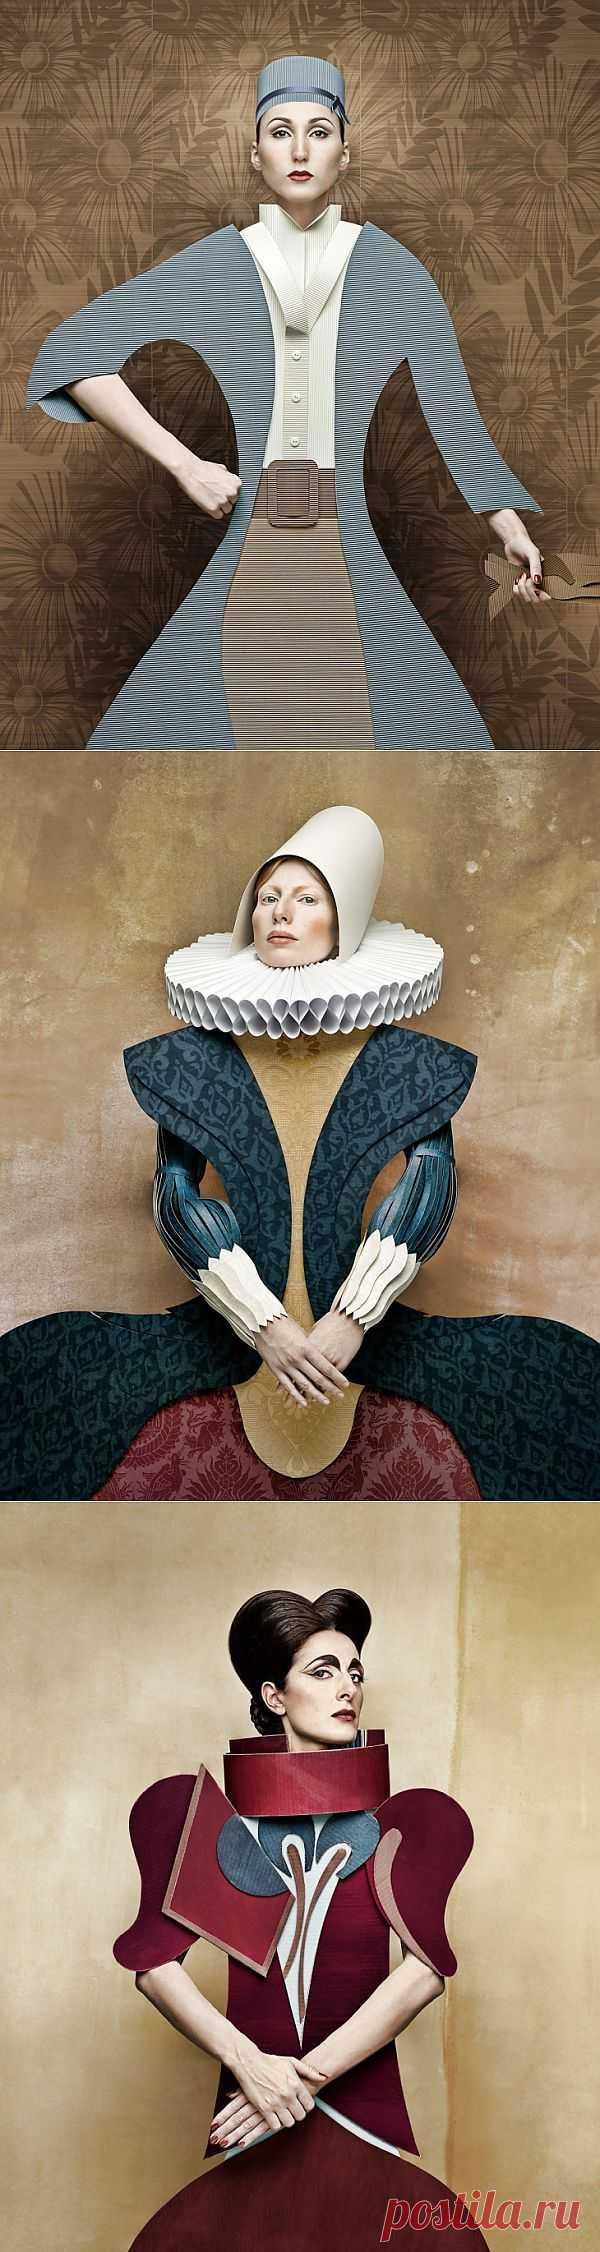 Картонная одежда / Фото (идеи съемок) / Модный сайт о стильной переделке одежды и интерьера